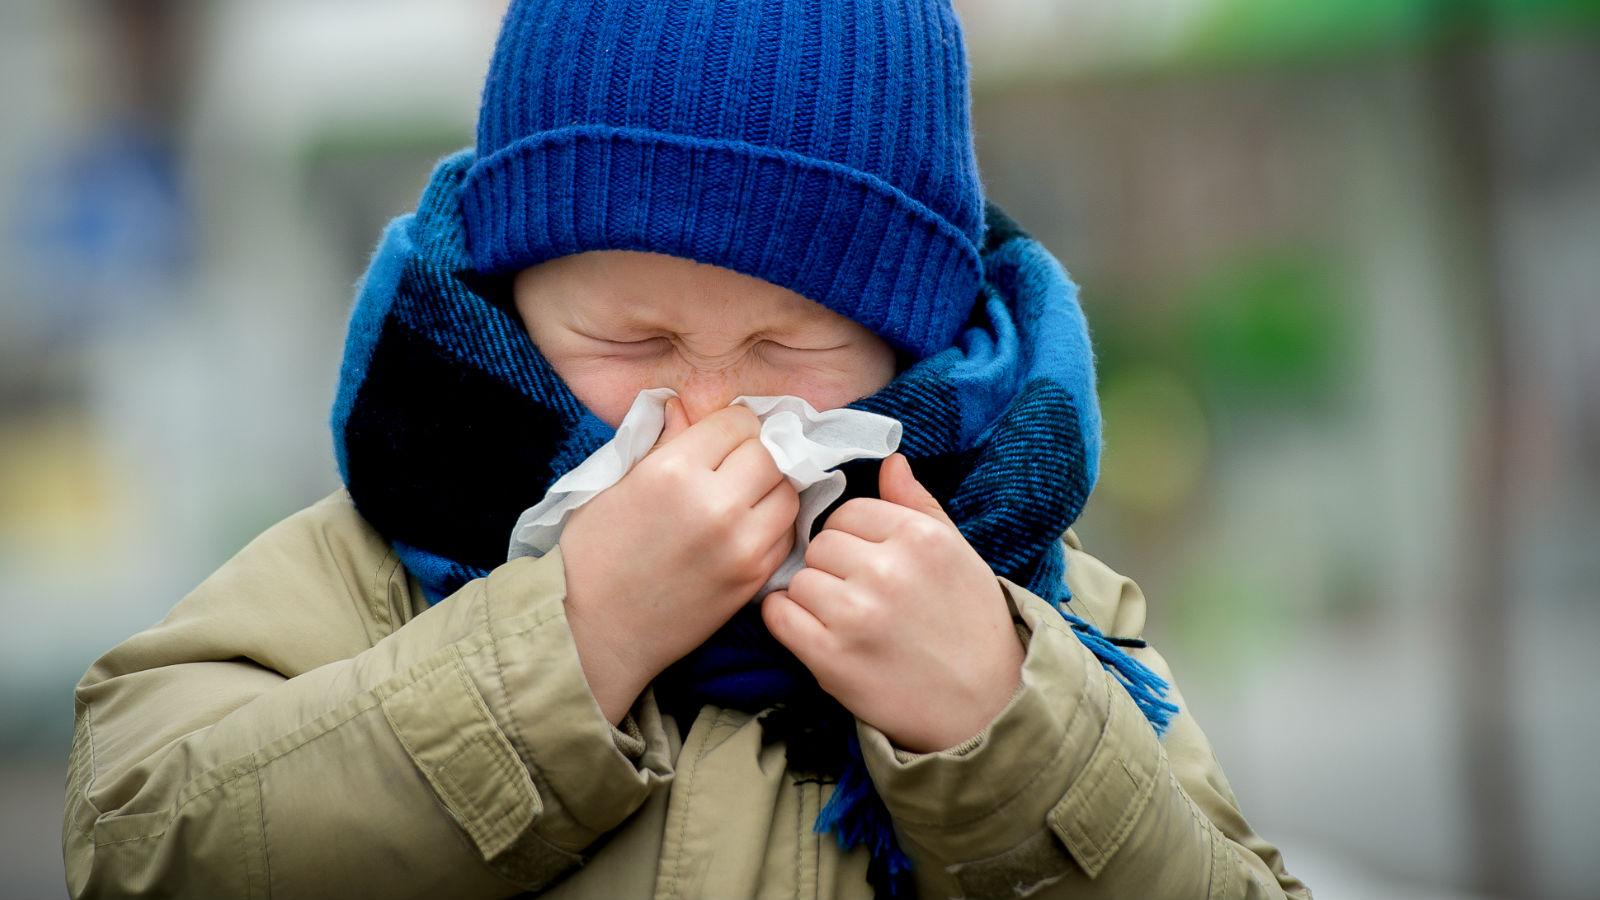 Protege a tu familia de la gripe: un propósito de Año Nuevo que no debes olvidar